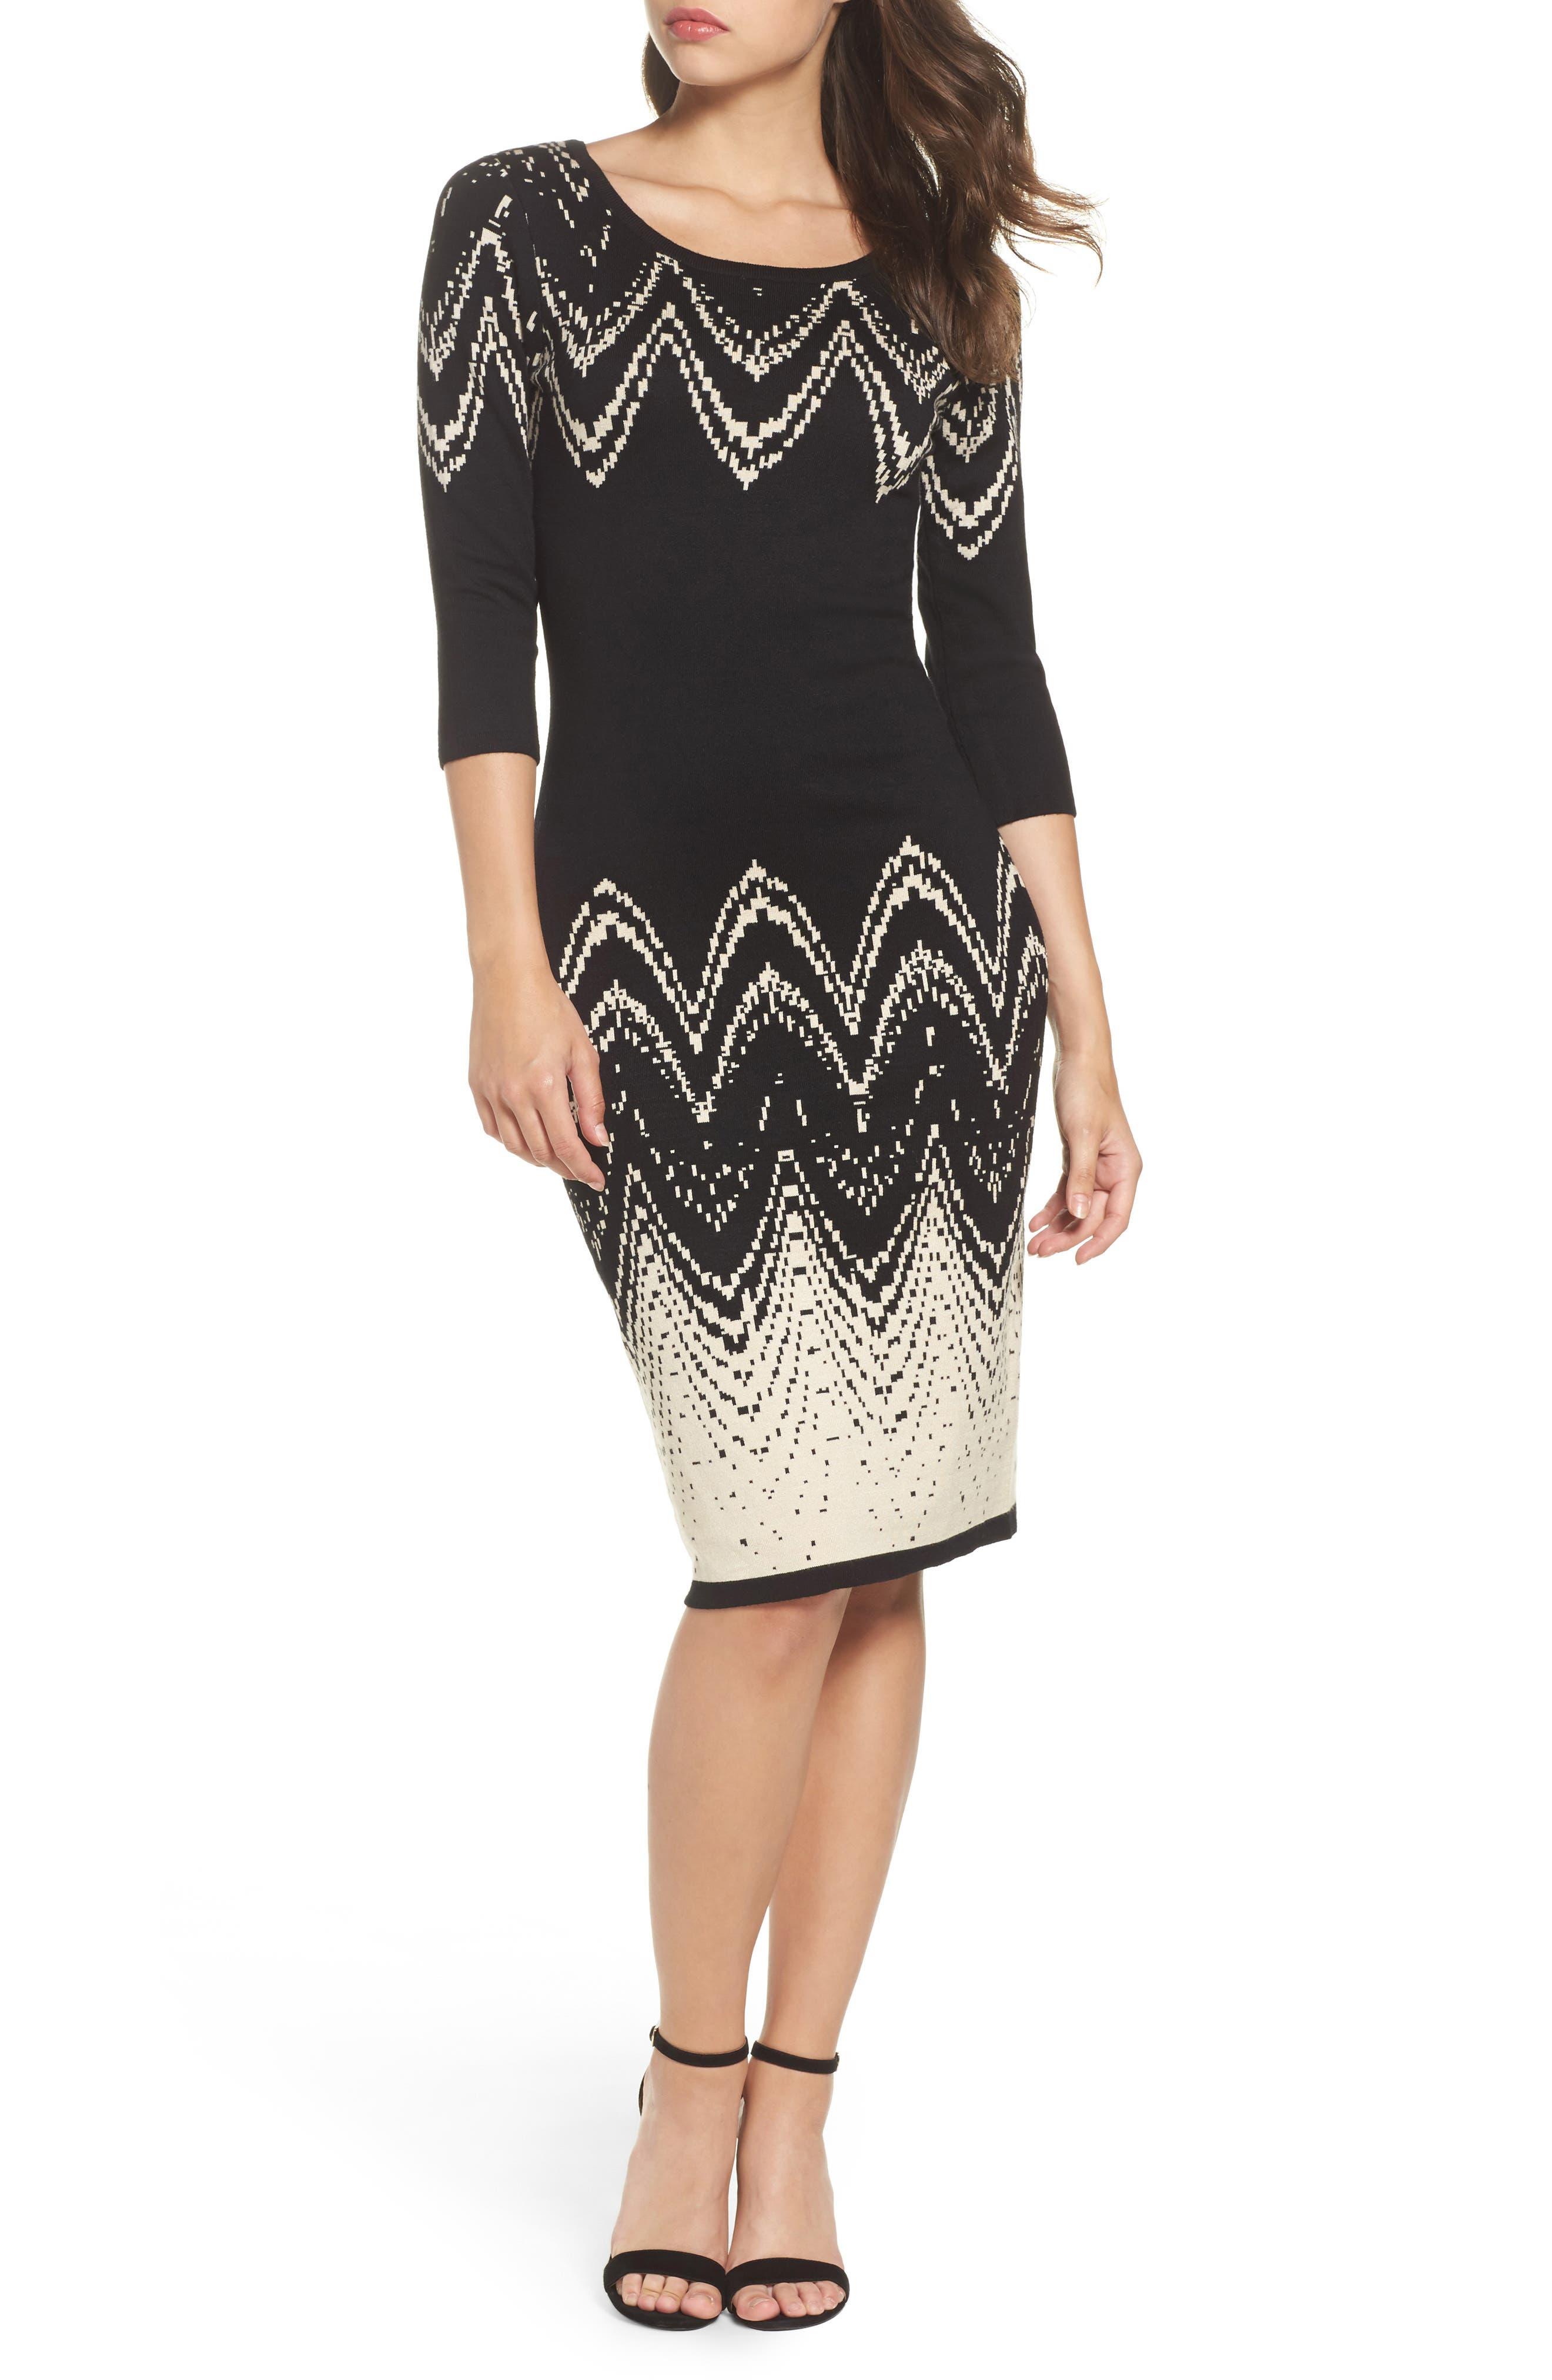 Gabby Skye Print Sweater Dress